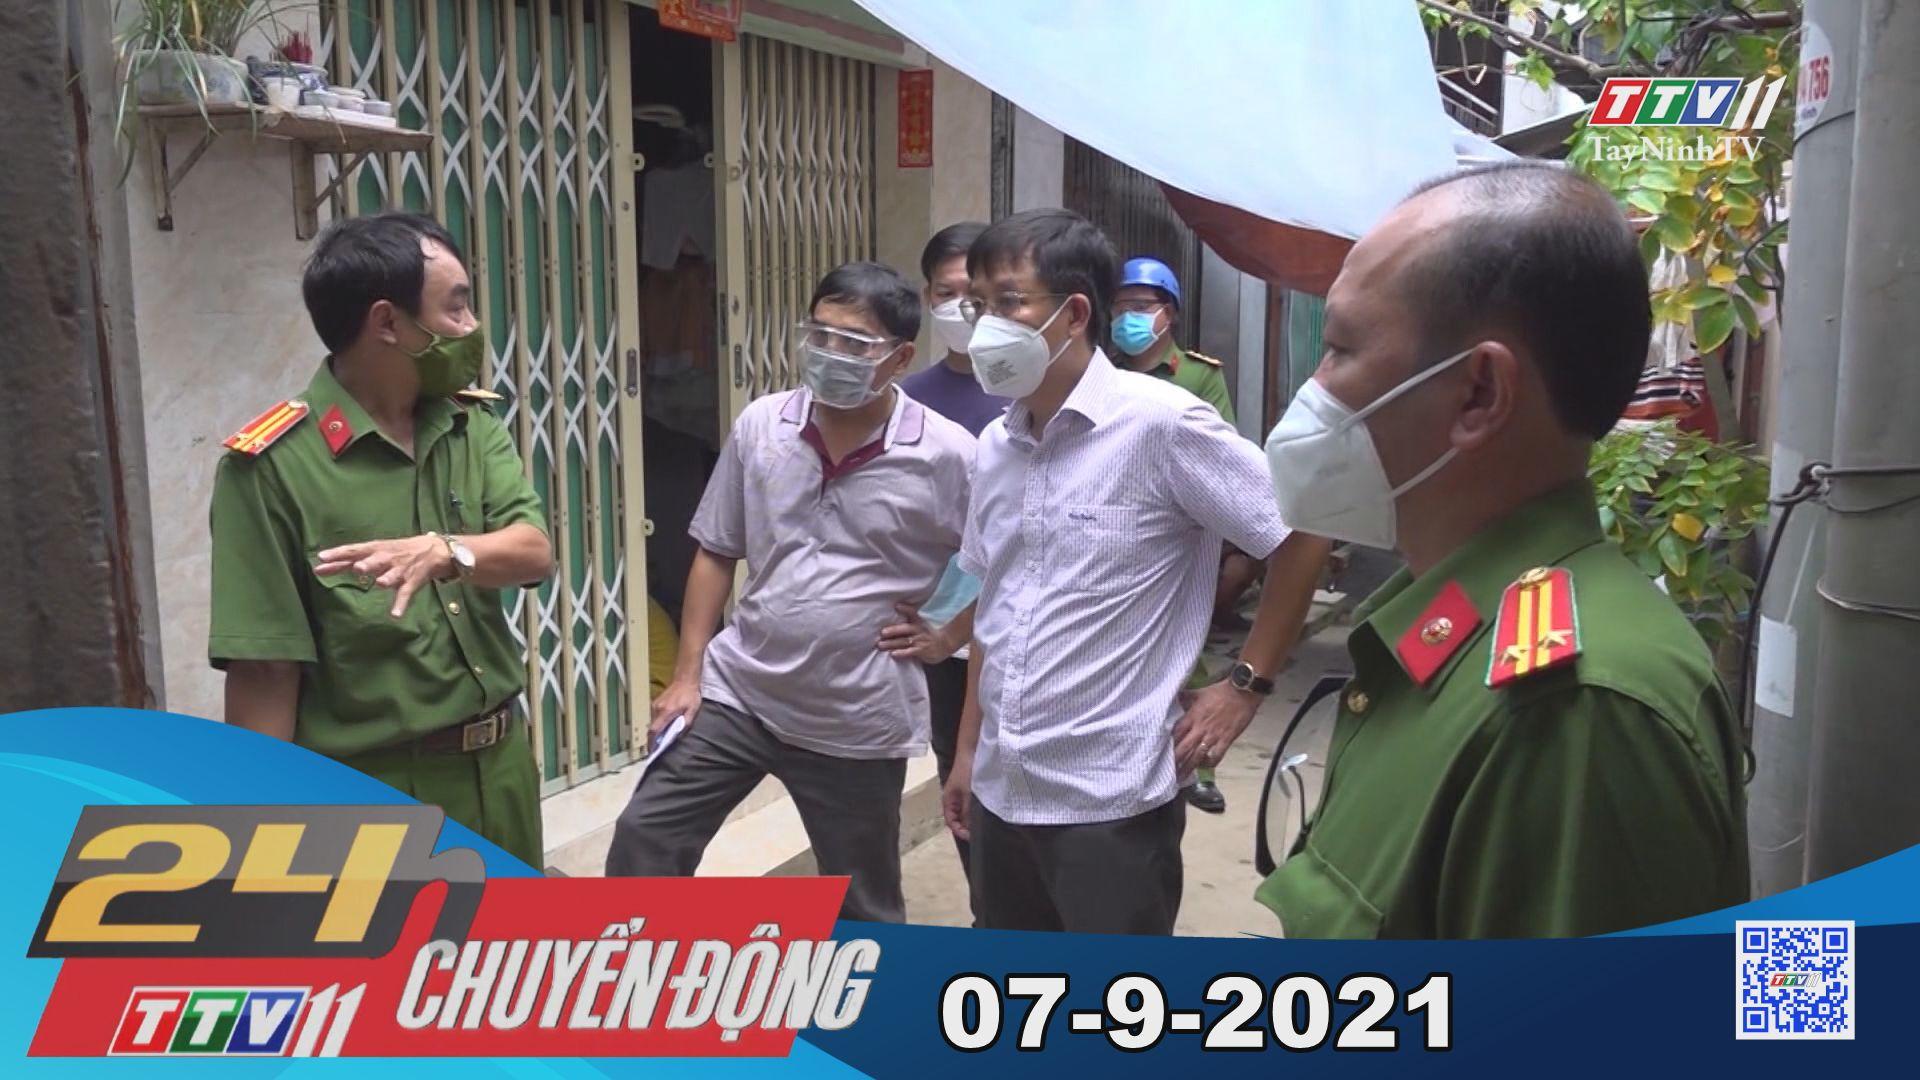 24h Chuyển động 07-9-2021 | Tin tức hôm nay | TayNinhTV